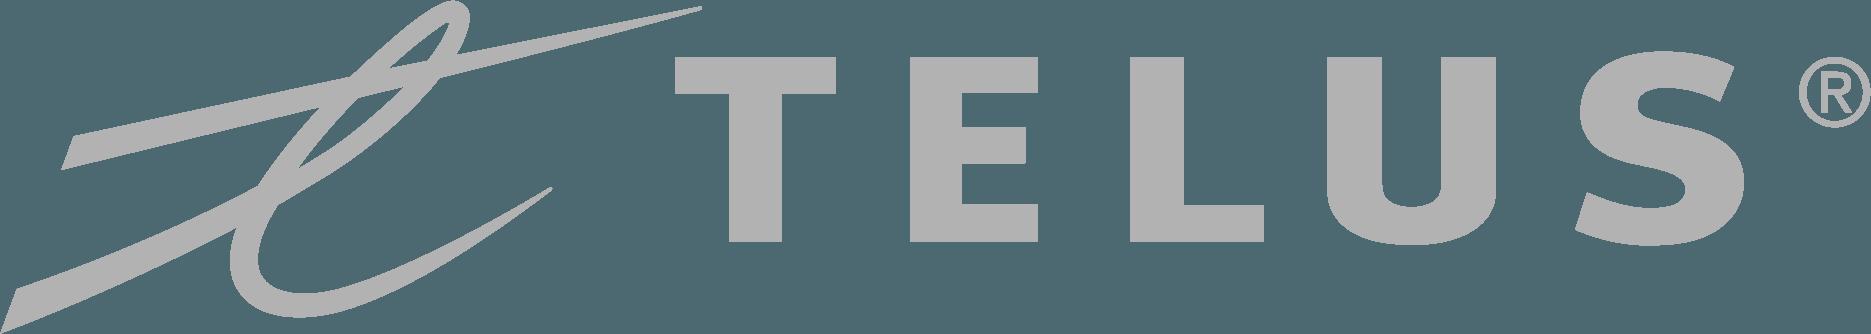 logo pour la santé de telus en gris